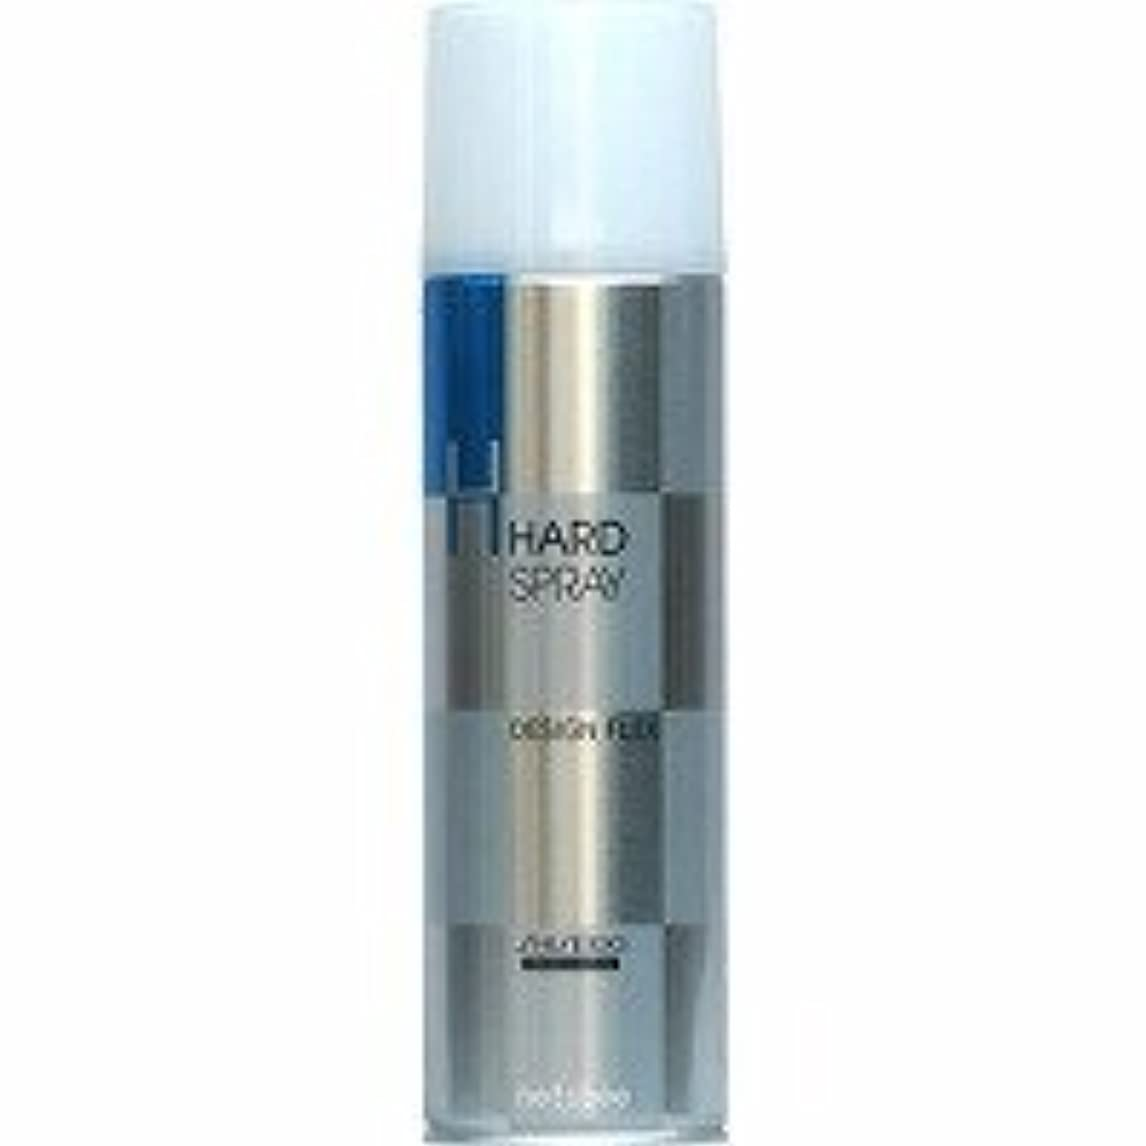 気絶させる炭水化物南方の【X3個セット】 資生堂プロフェッショナル デザインフレックス ハードスプレー 260g shiseido PROFESSIONAL